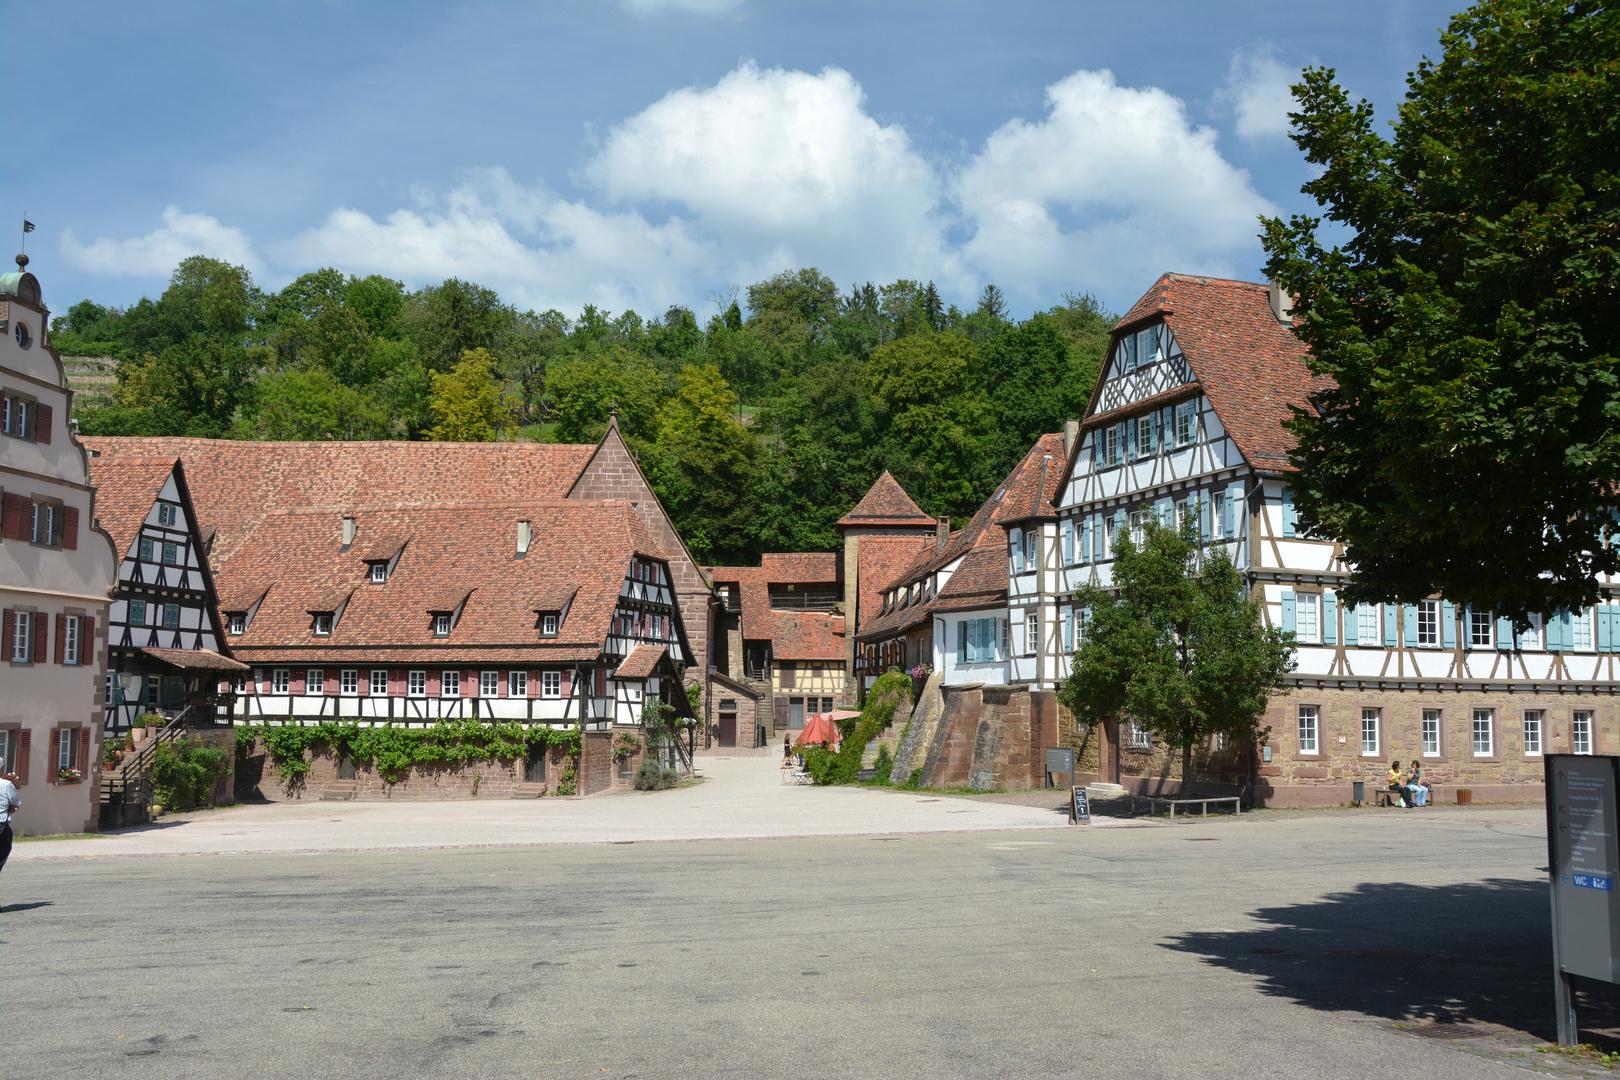 Maulbronn / Klosterhof in Maulbronn